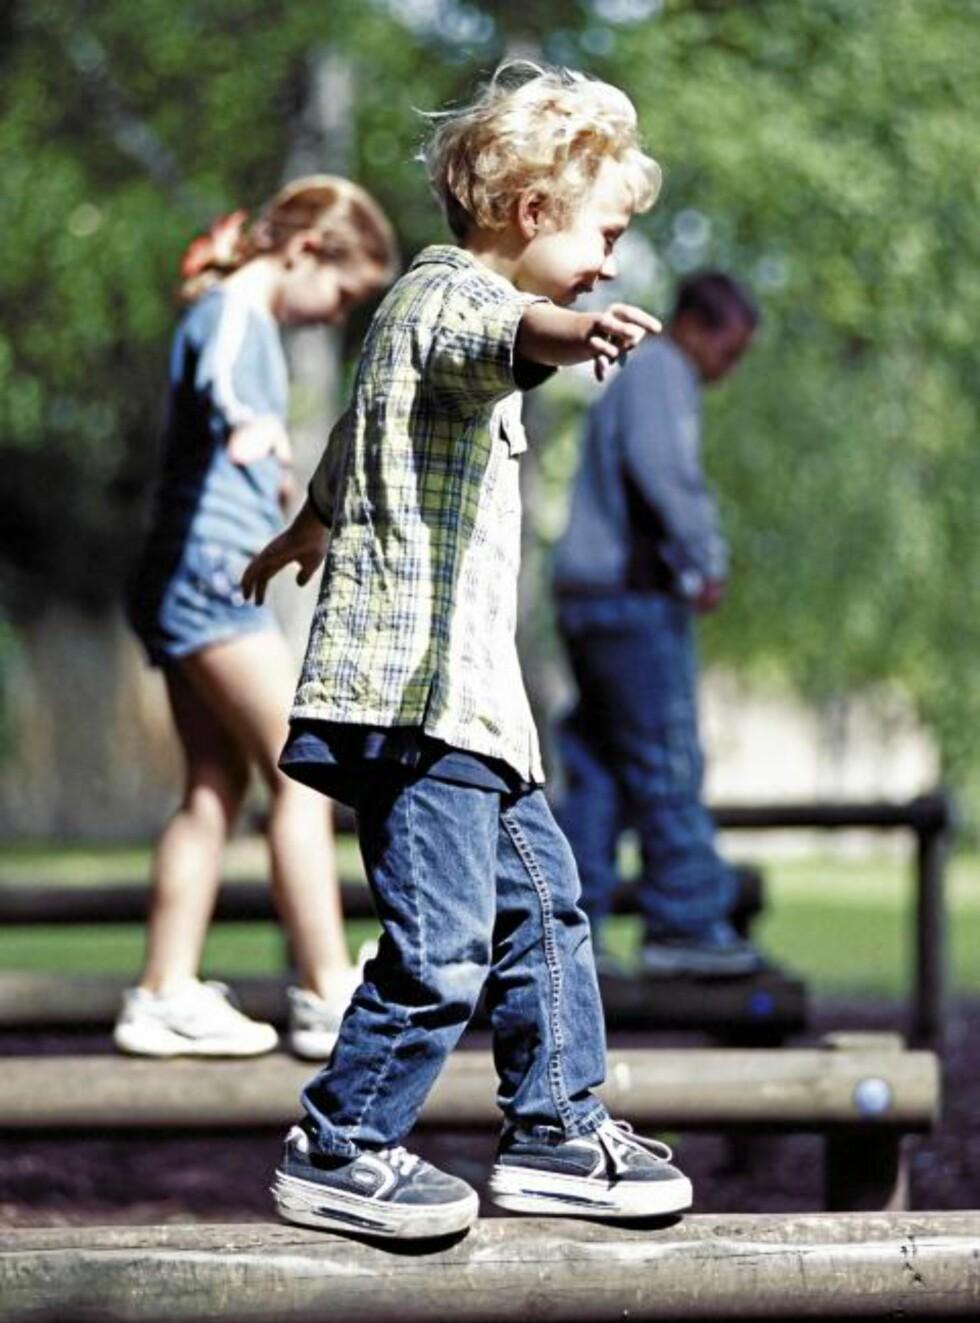 LÆRES OPP:  Aktivitet og samspill: Det er viktig for barn å kunne hoppe, klatre, huske og leke sammen med andre barn. Mestring i lek gjør barnet tryggere i møte med motgang seinere. Foto: Colourbox